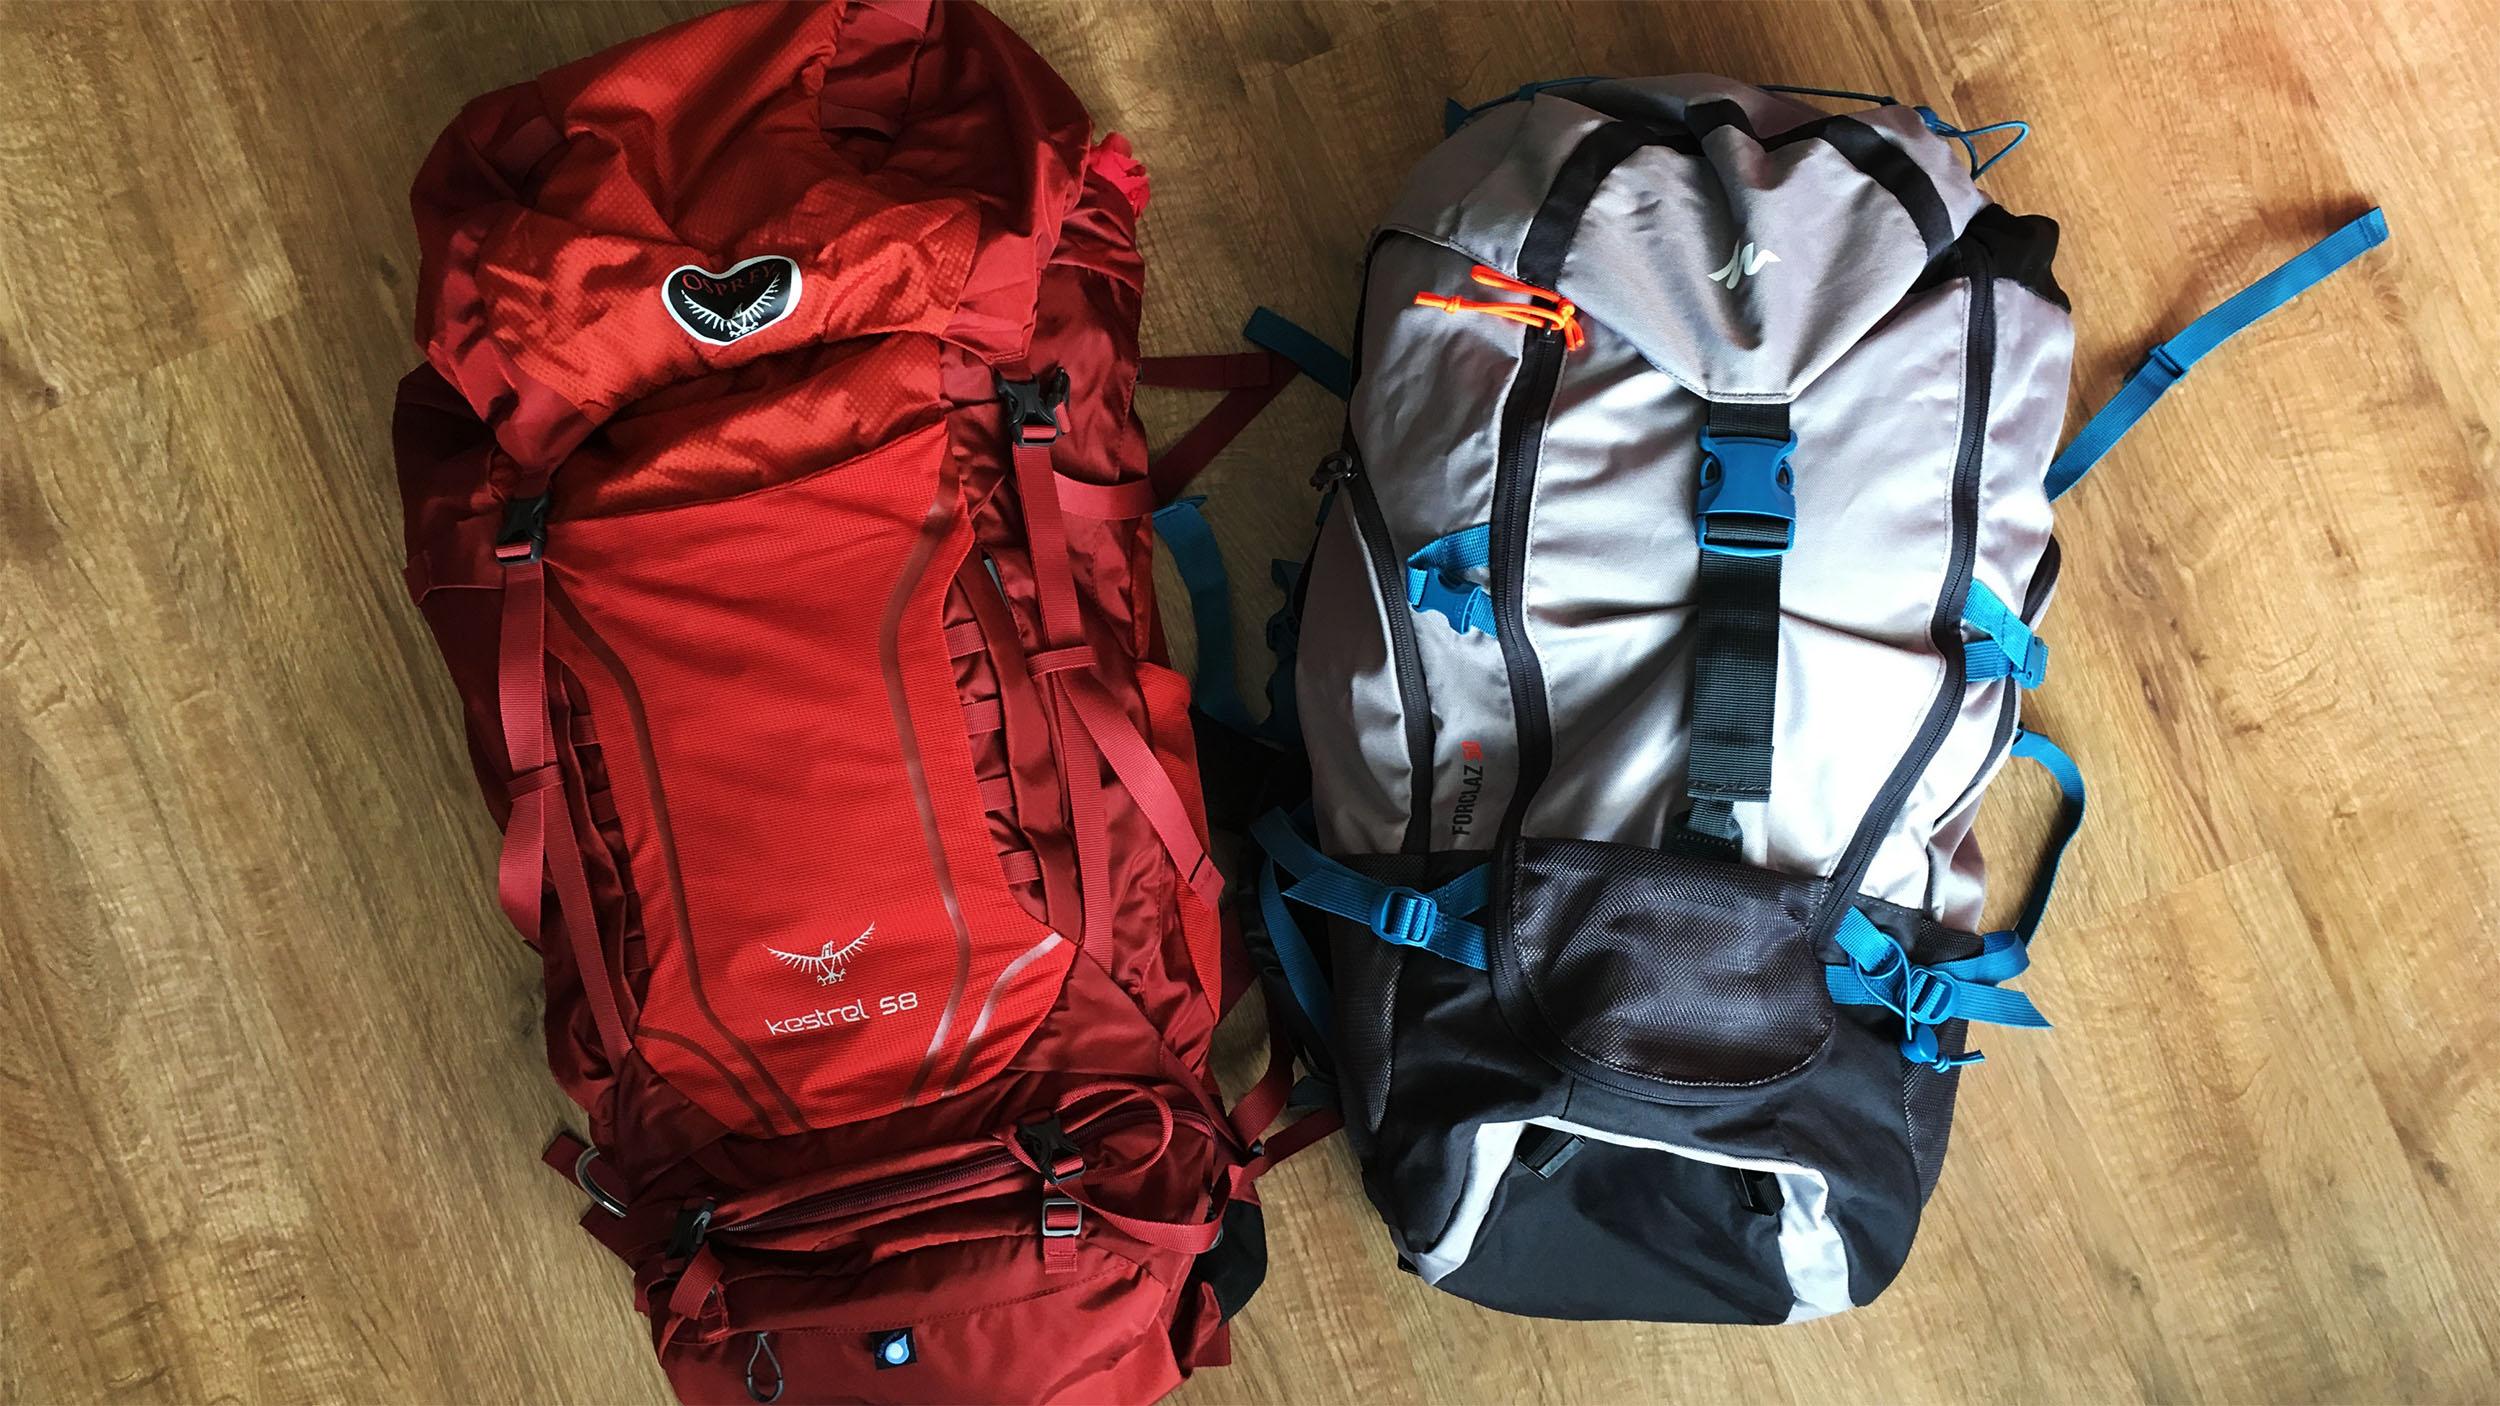 d52a6349d44ed Jaki wybrać plecak turystyczny - porównanie Osprey i Decathlon